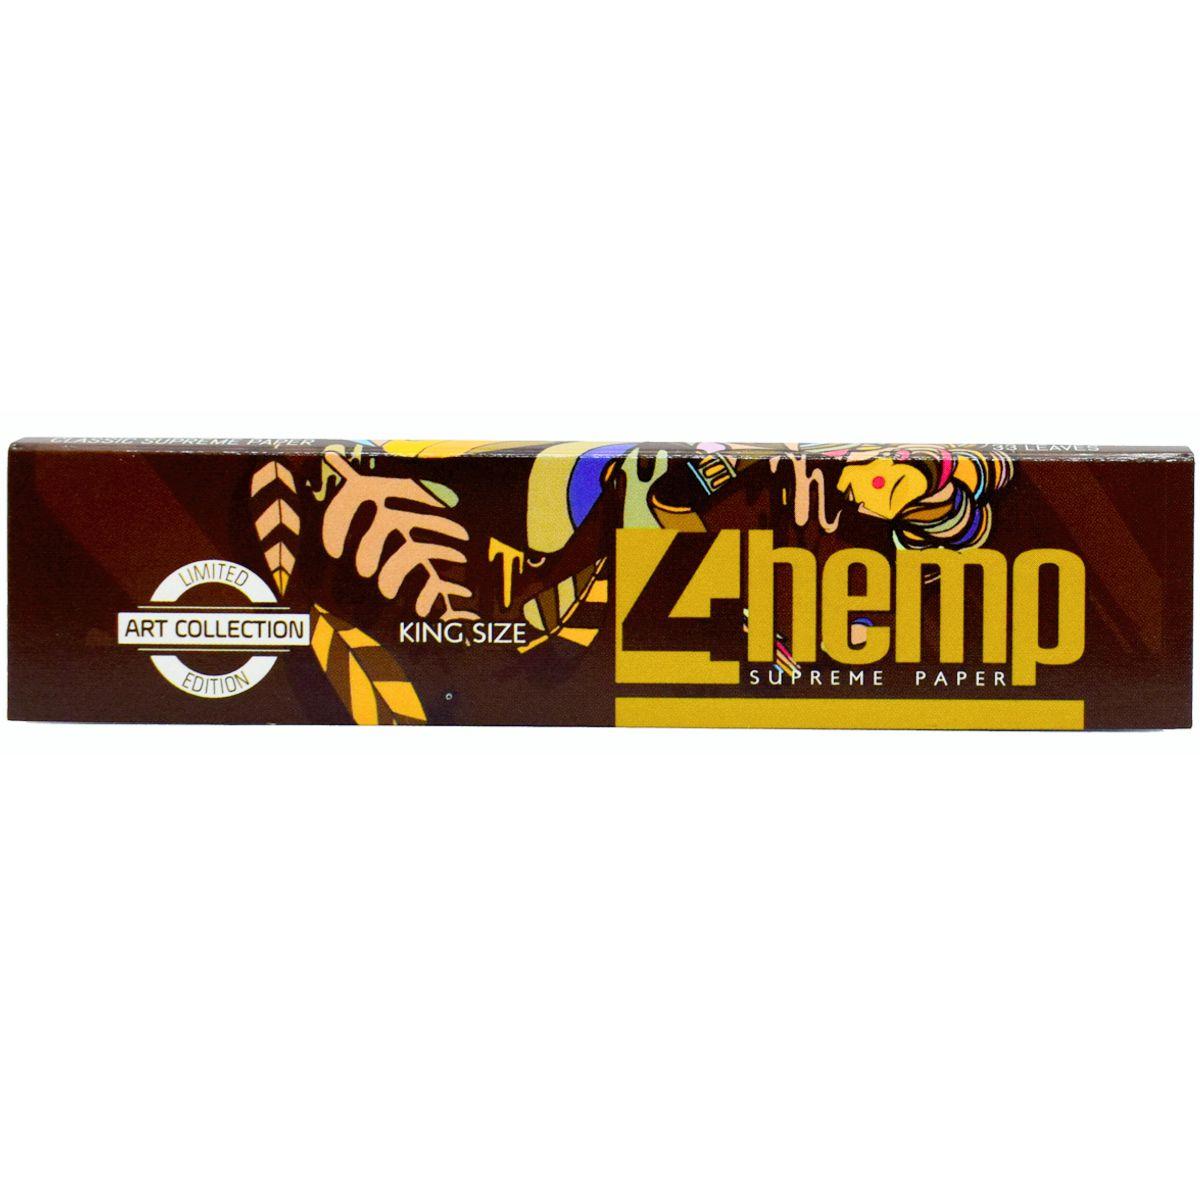 papel 4hemp brown king size tabaqueria precio